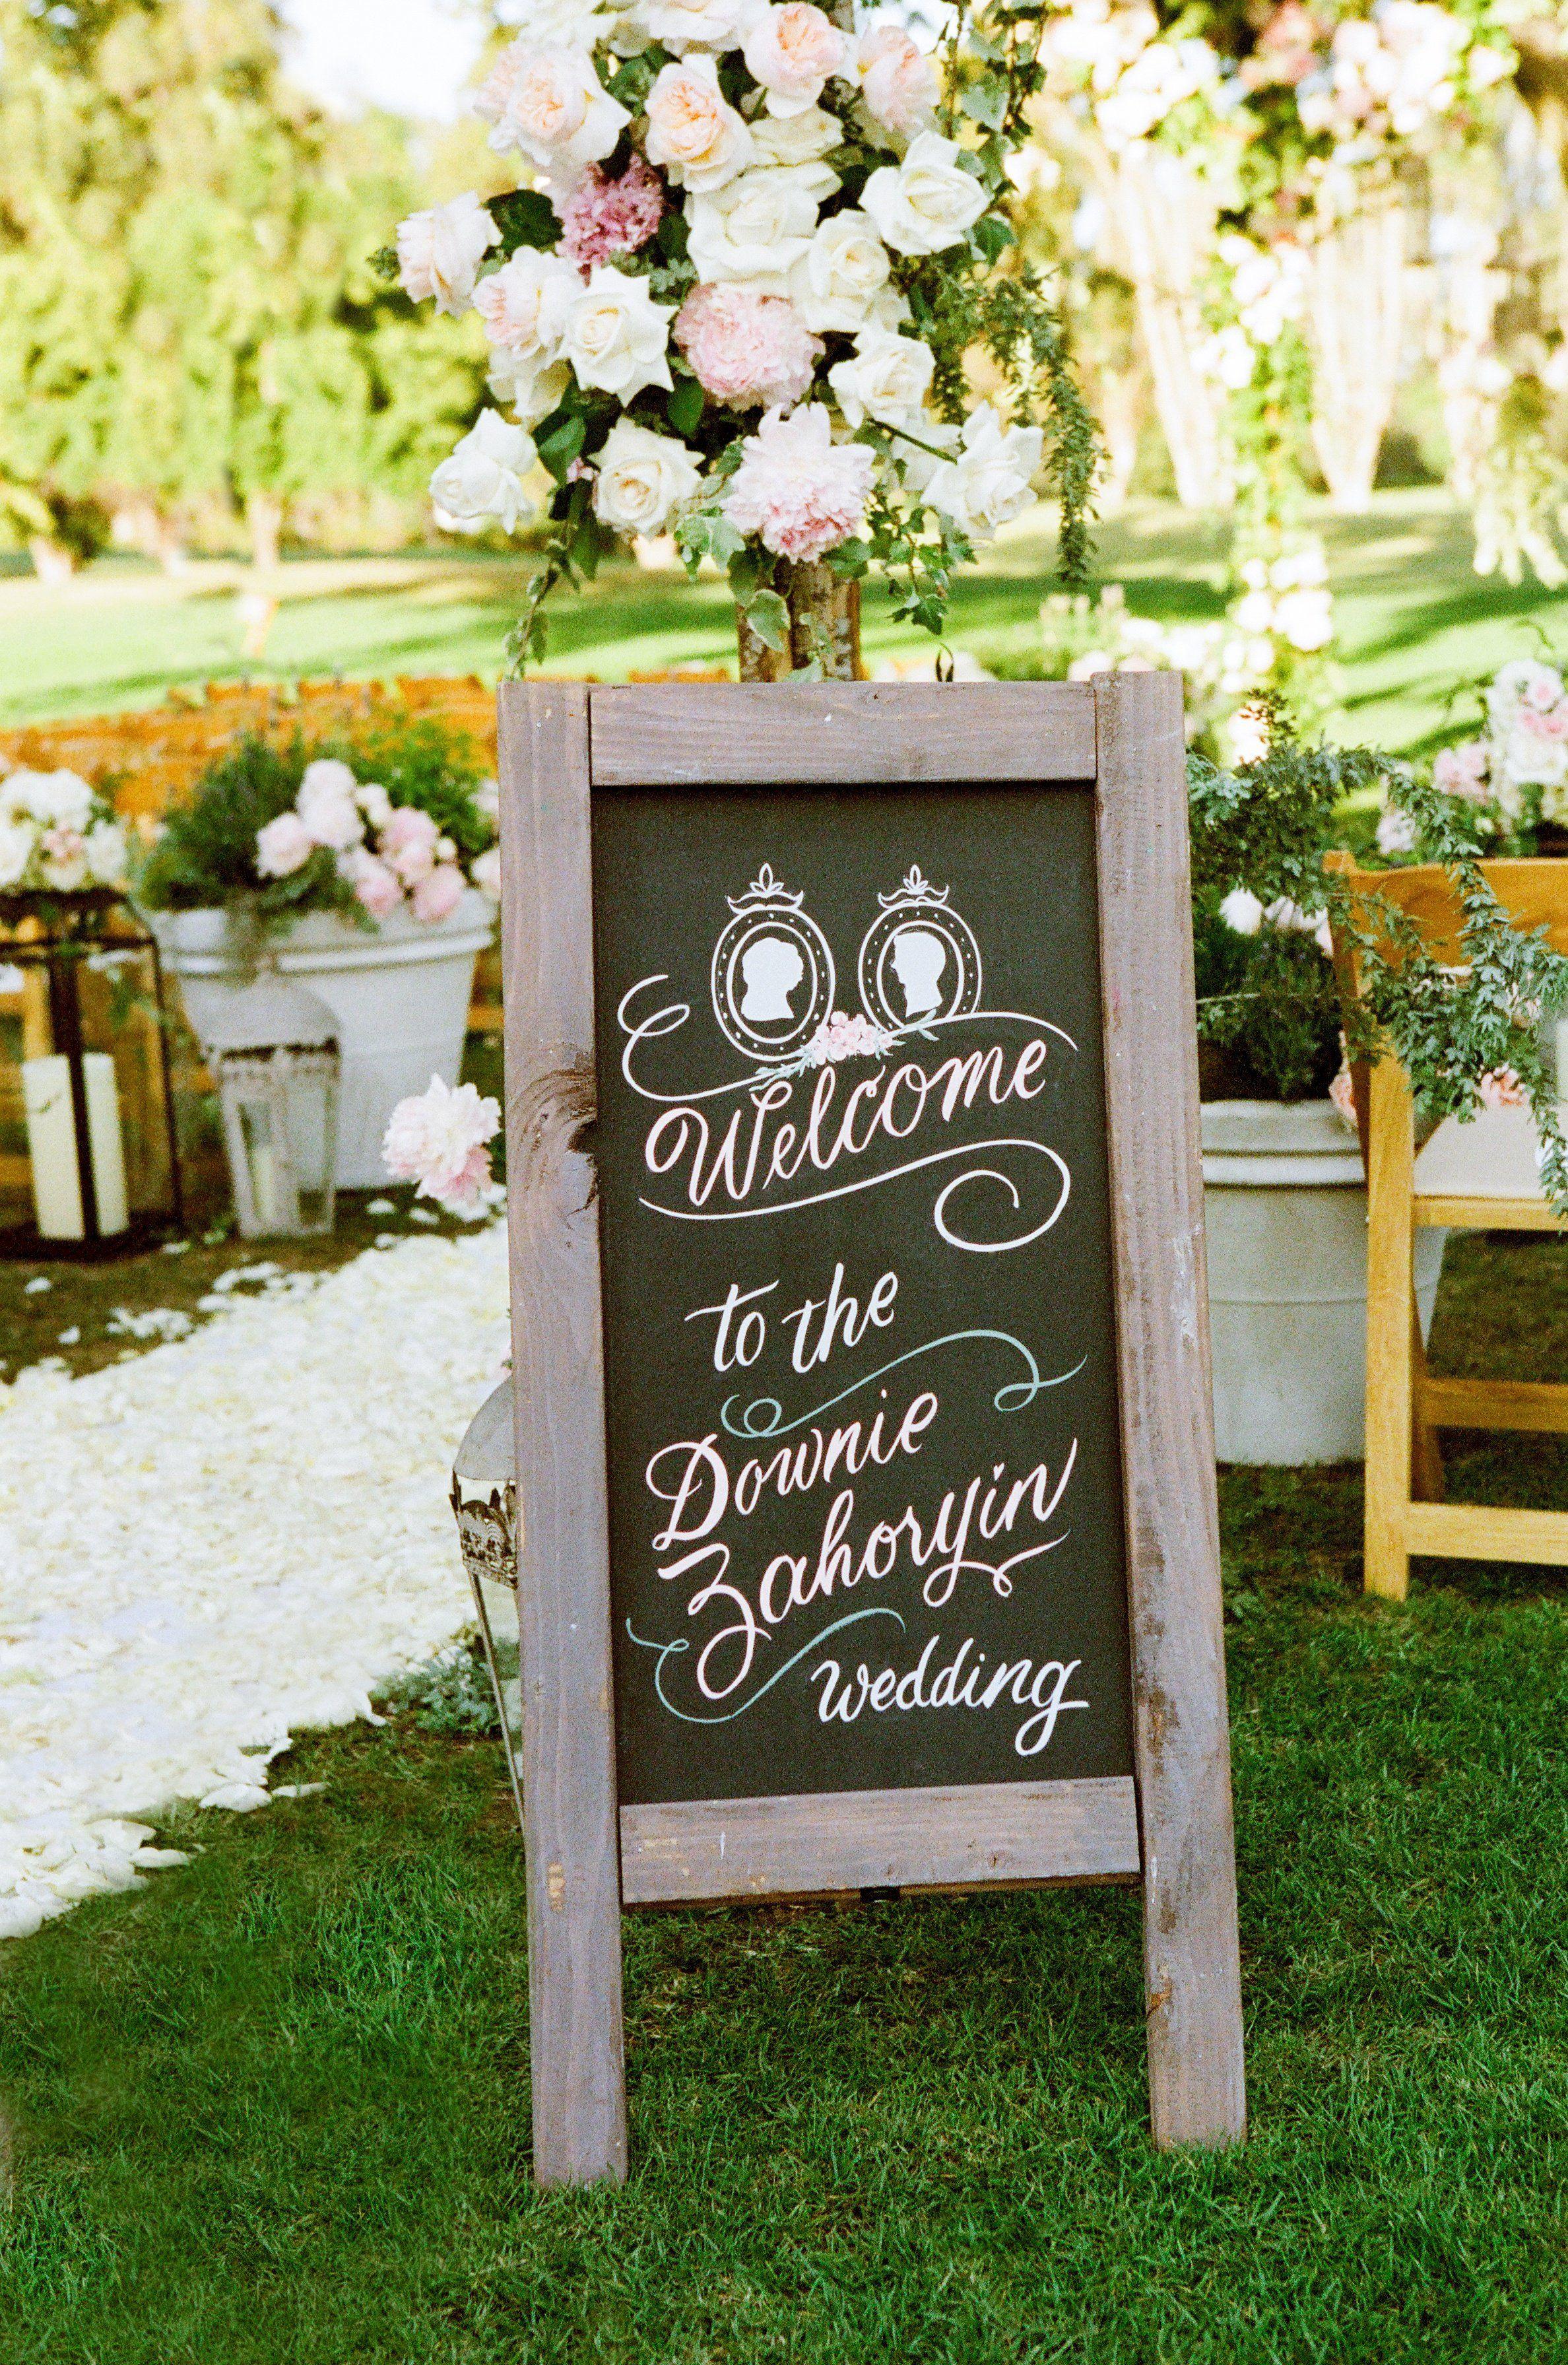 Artistic chalkboard sign diy wedding decorations